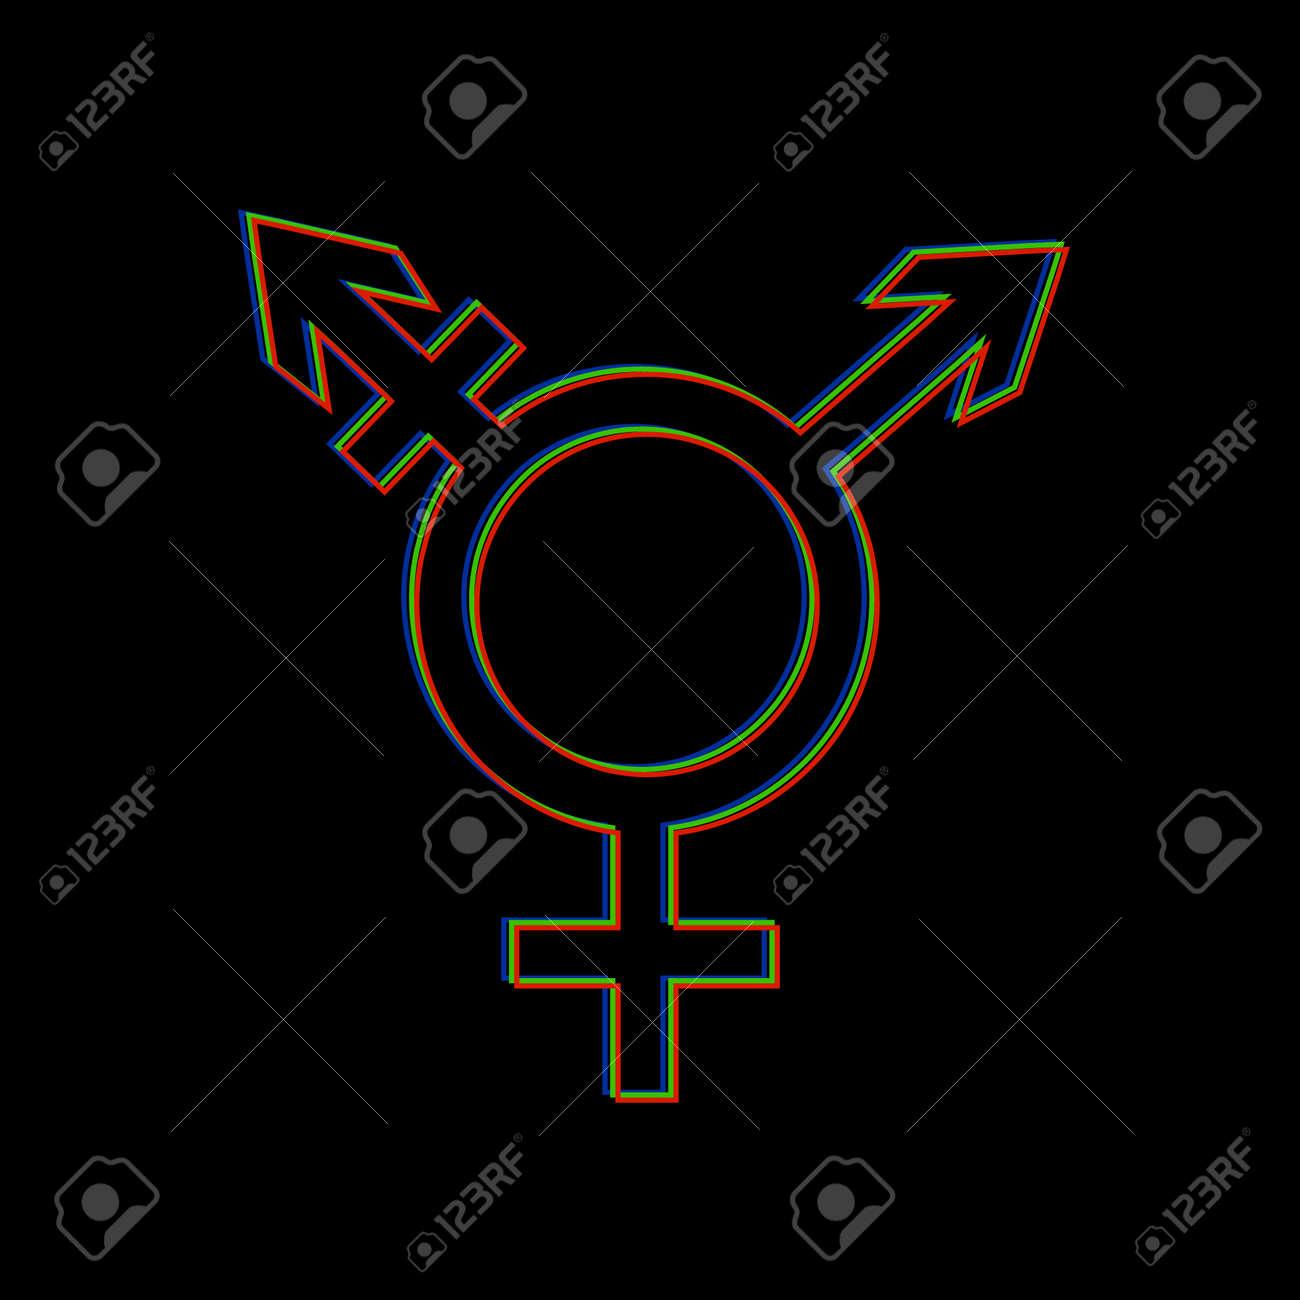 noir transsexuelle téléphone sexe Teen Nude art pics